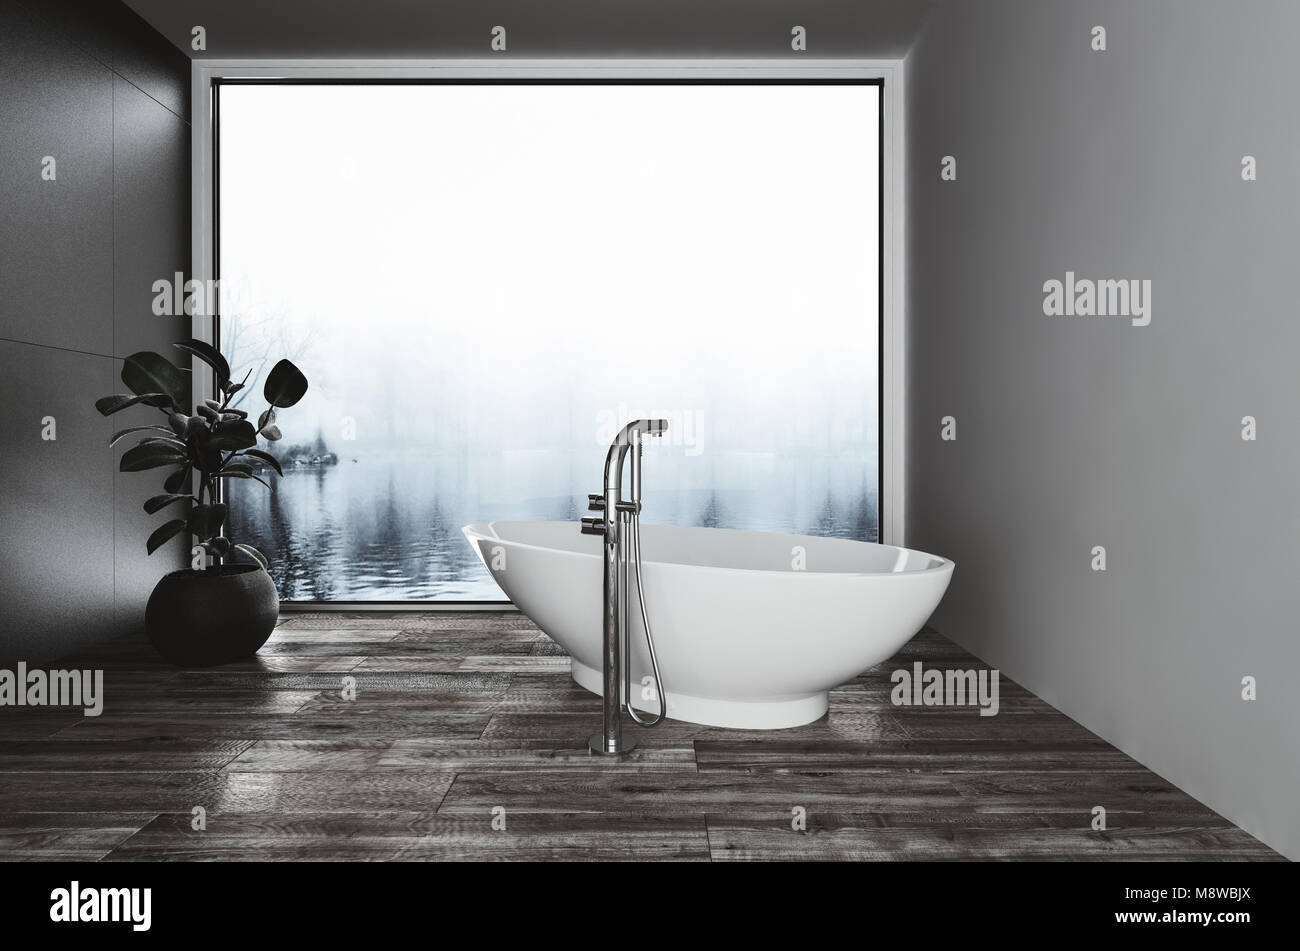 Vasca Da Bagno Stretta : Moderna imbarcazione a forma di vasca da bagno in un bagno angolo